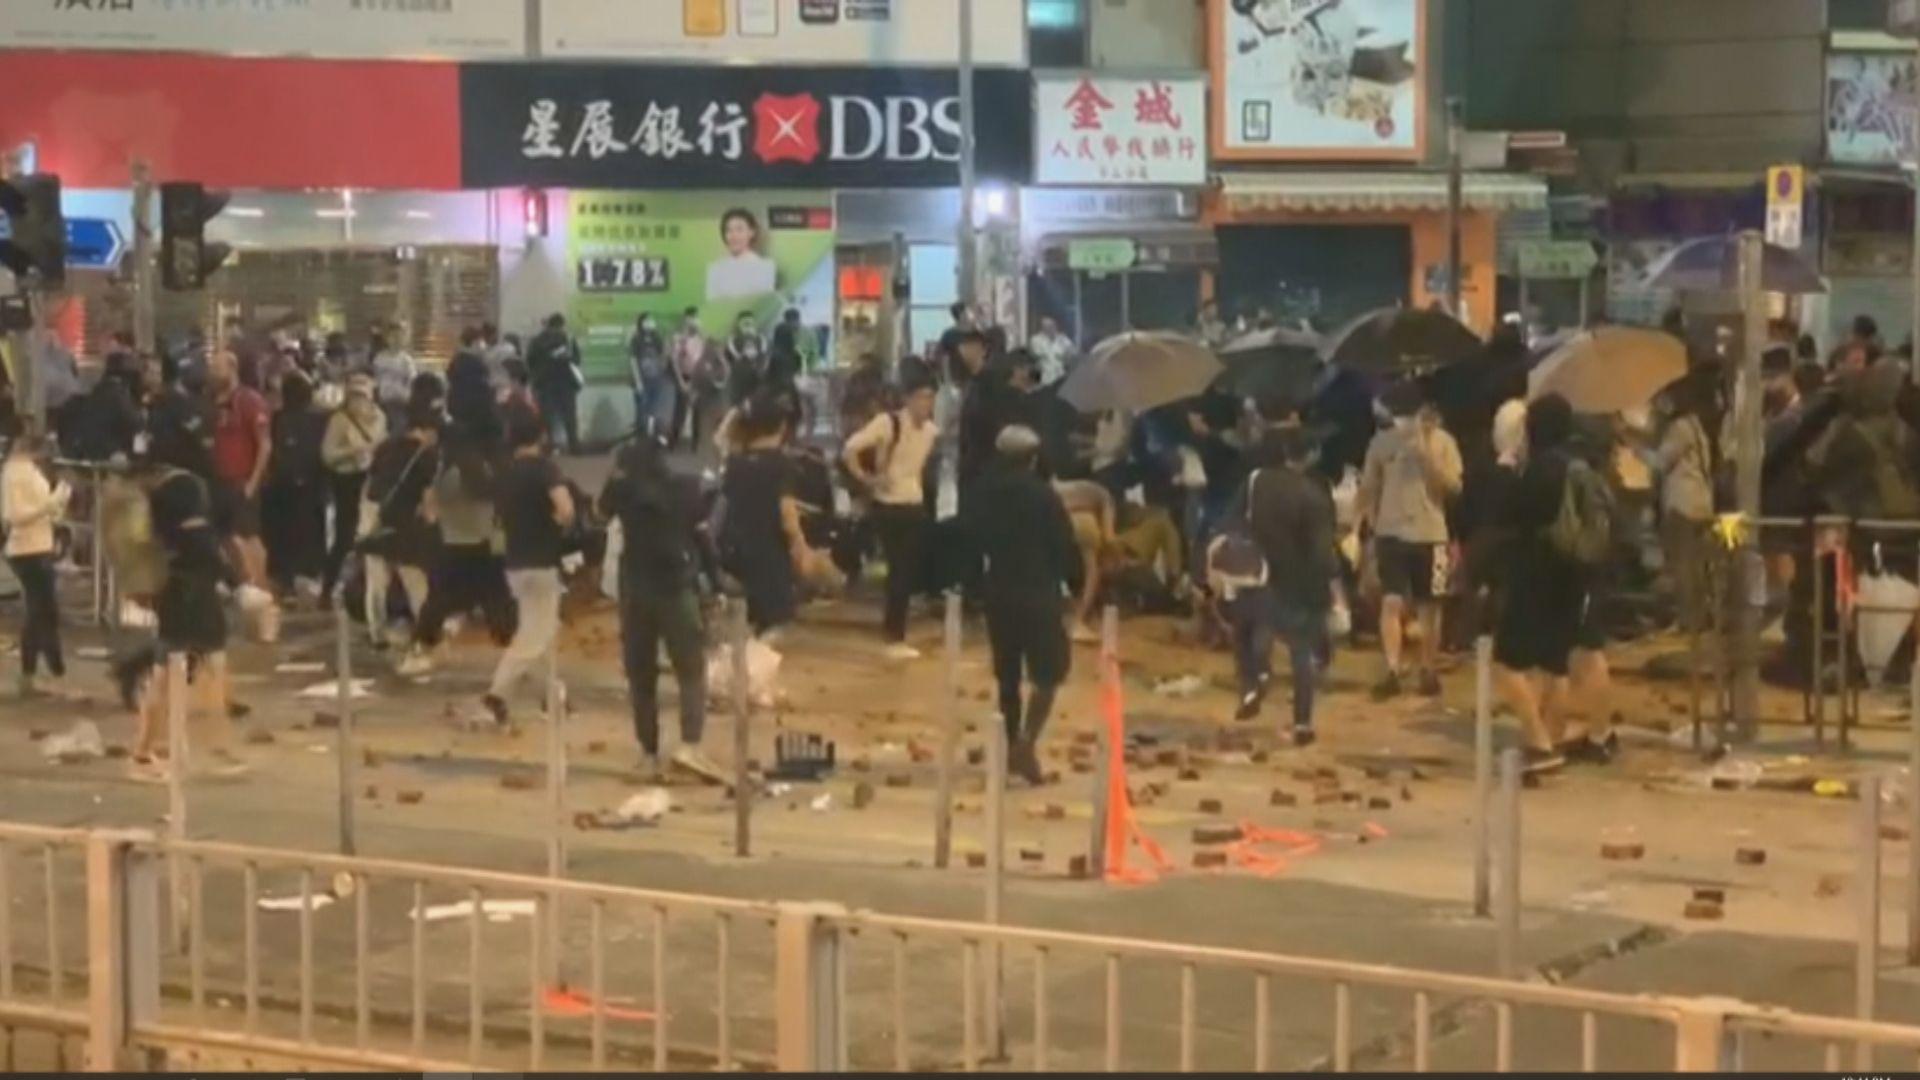 元朗大馬路示威者堵路及破壞交通燈